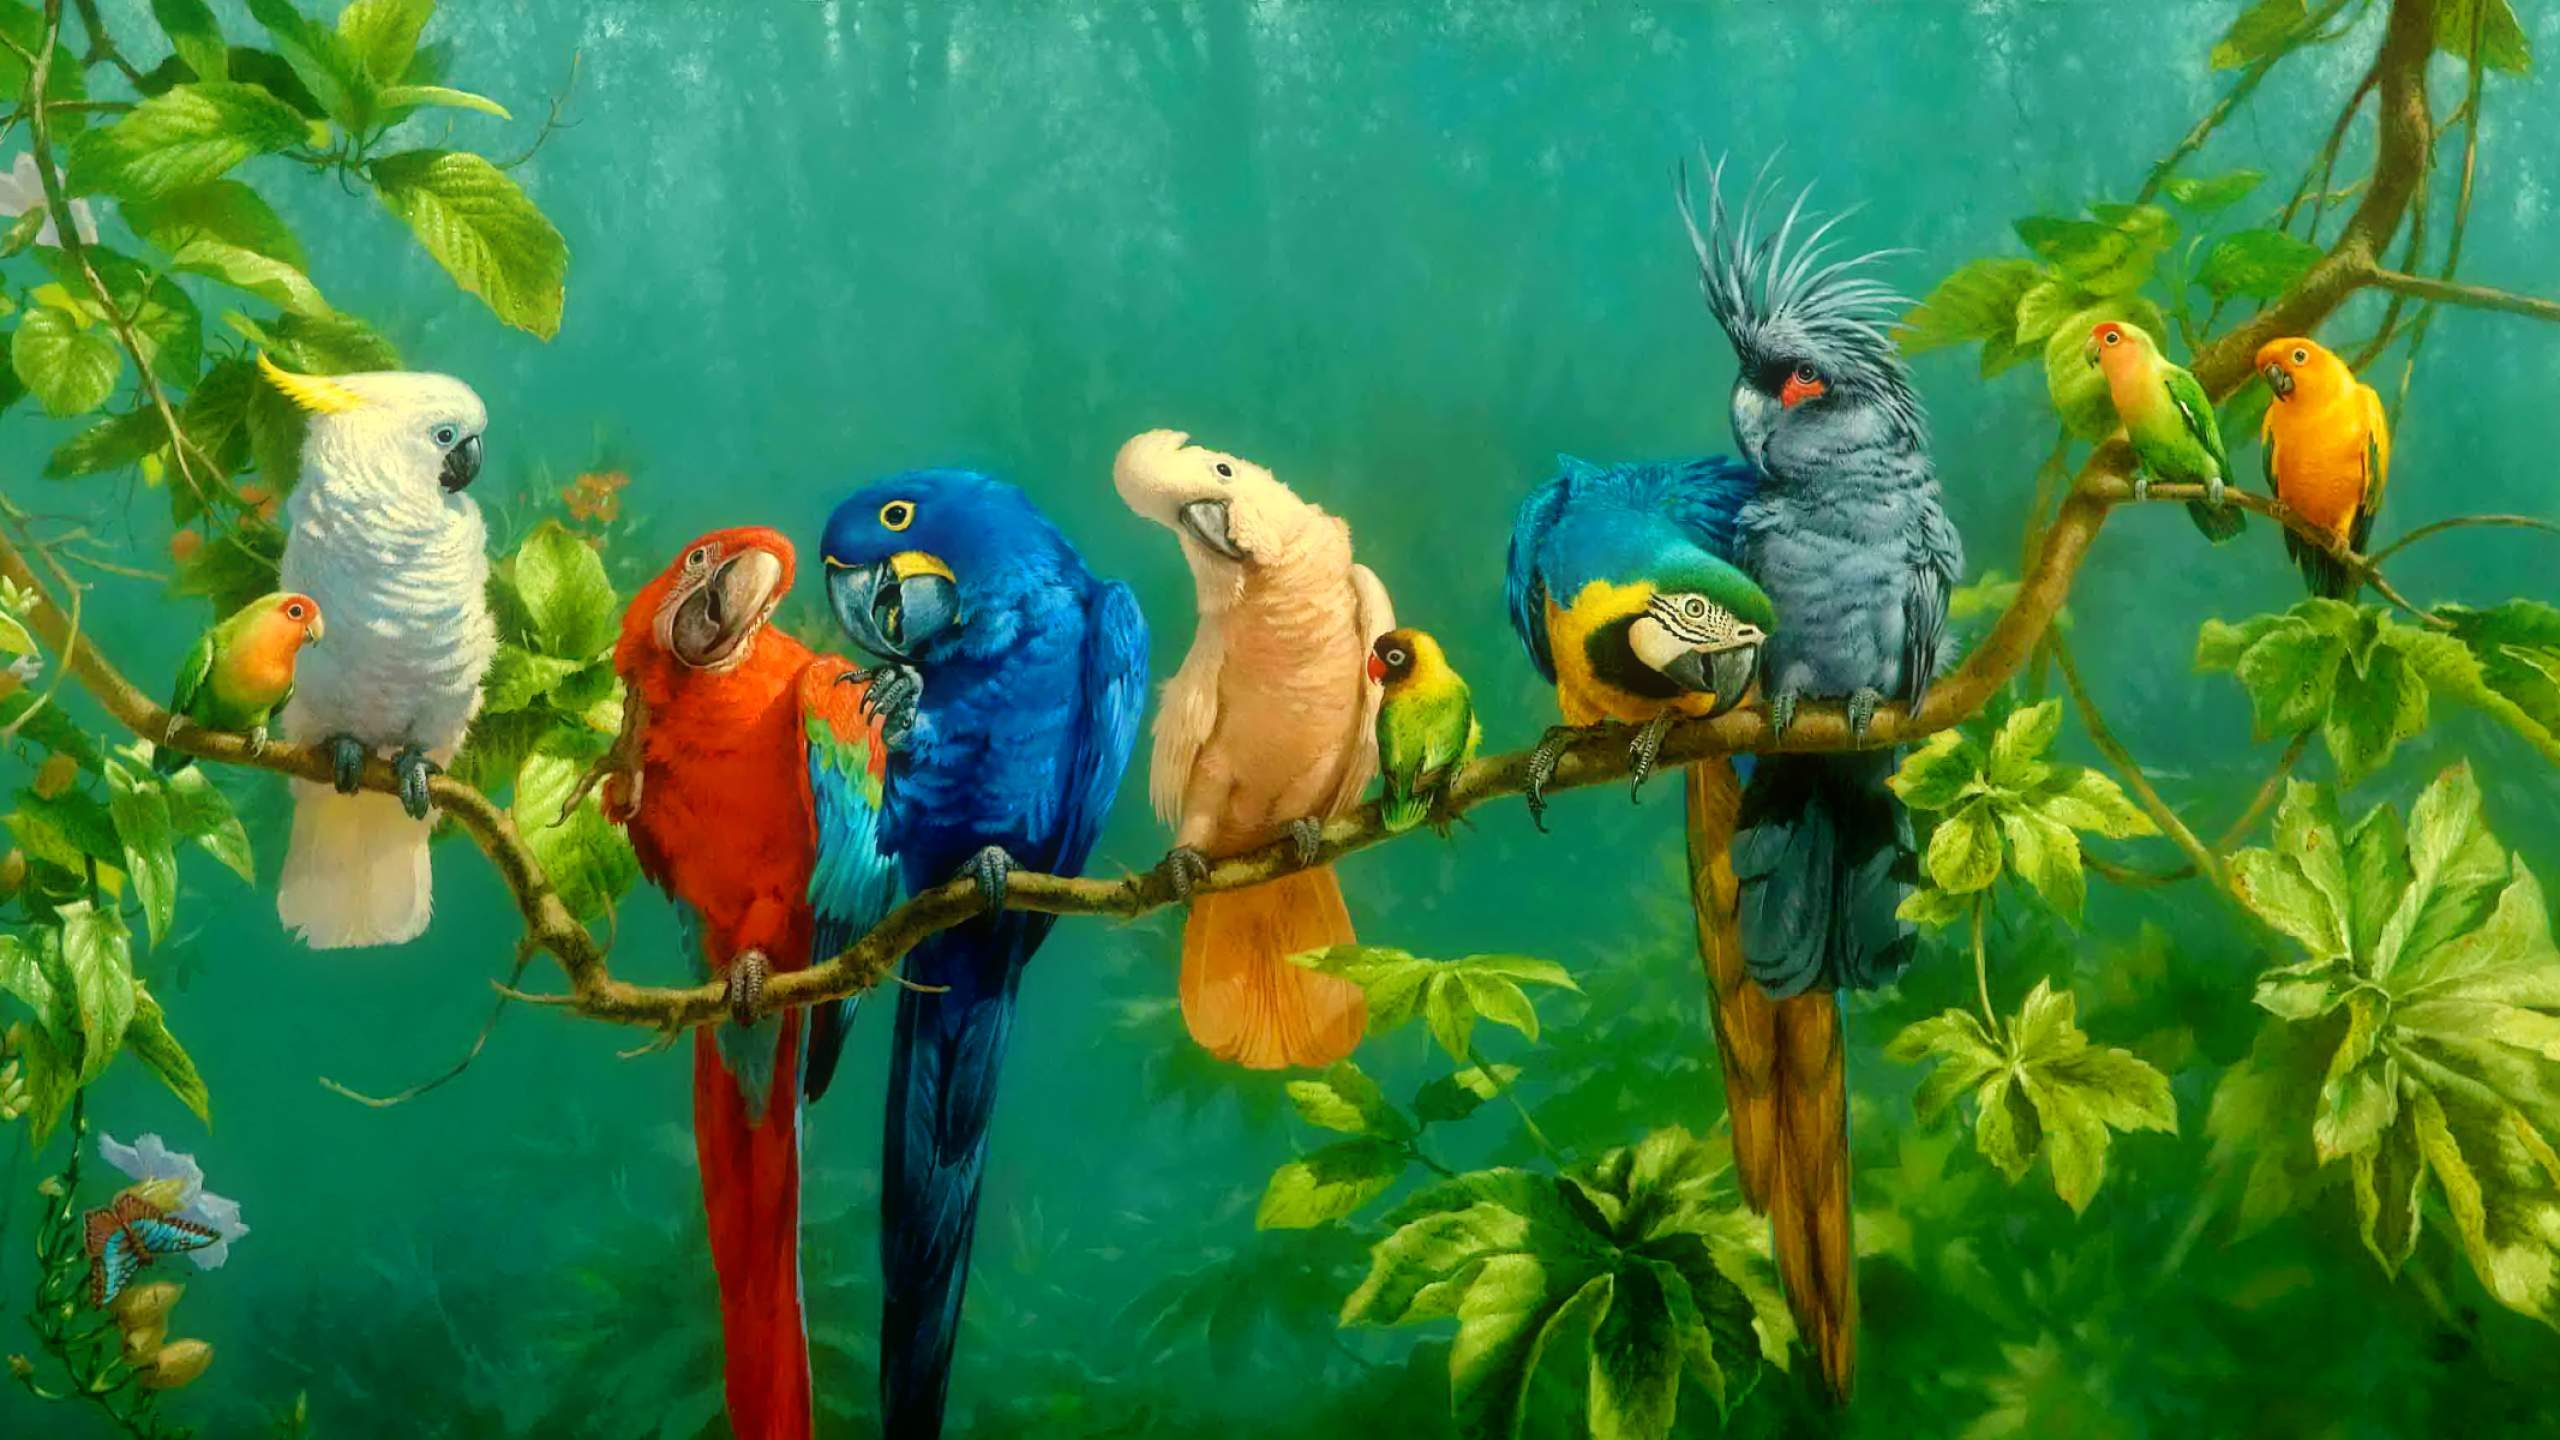 Parrot Wallpapers 26 WallpapersExpert Journal 2560x1440